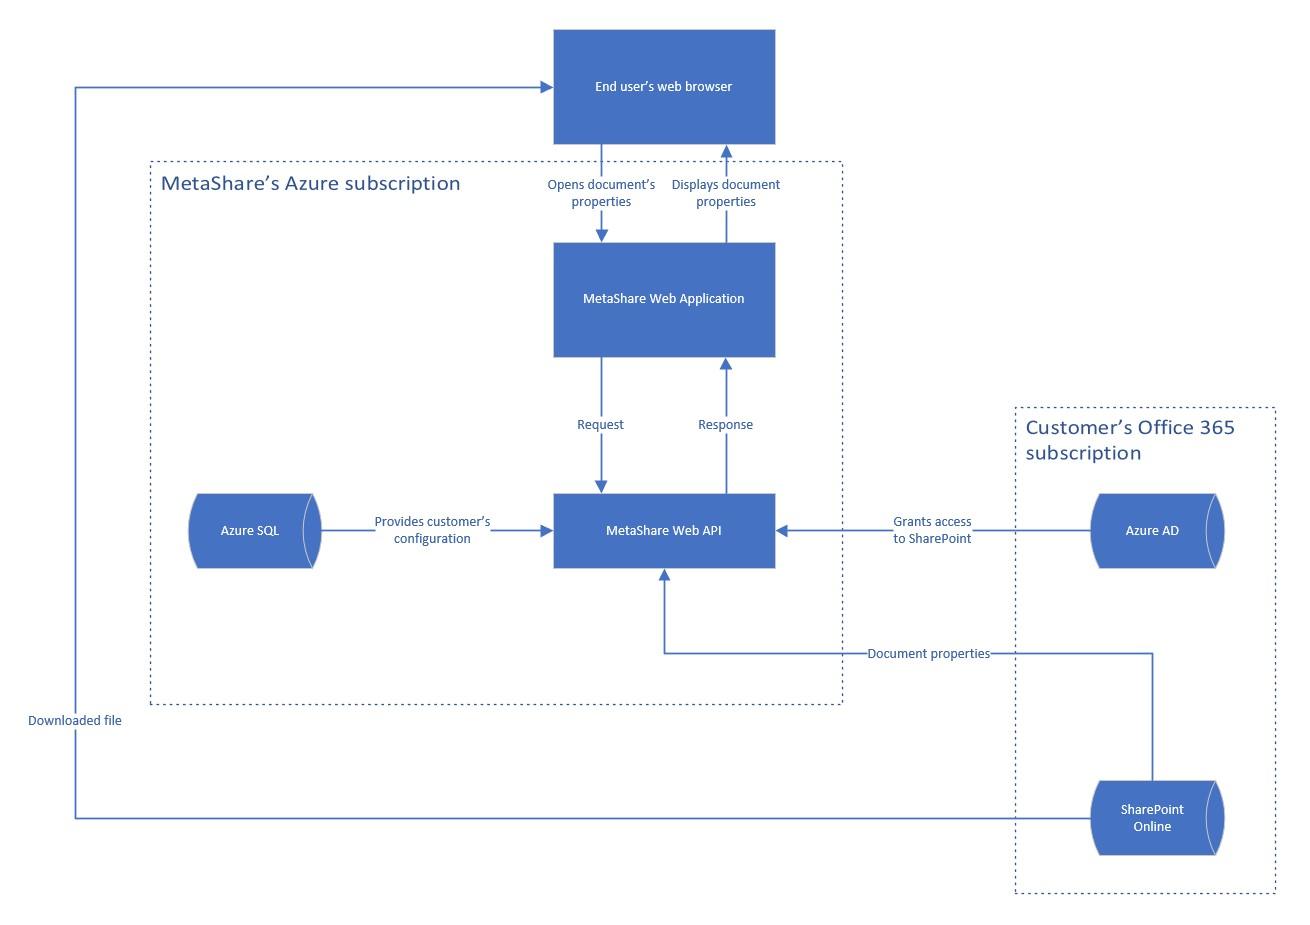 Dataflödesdiagram för MetaShare Online